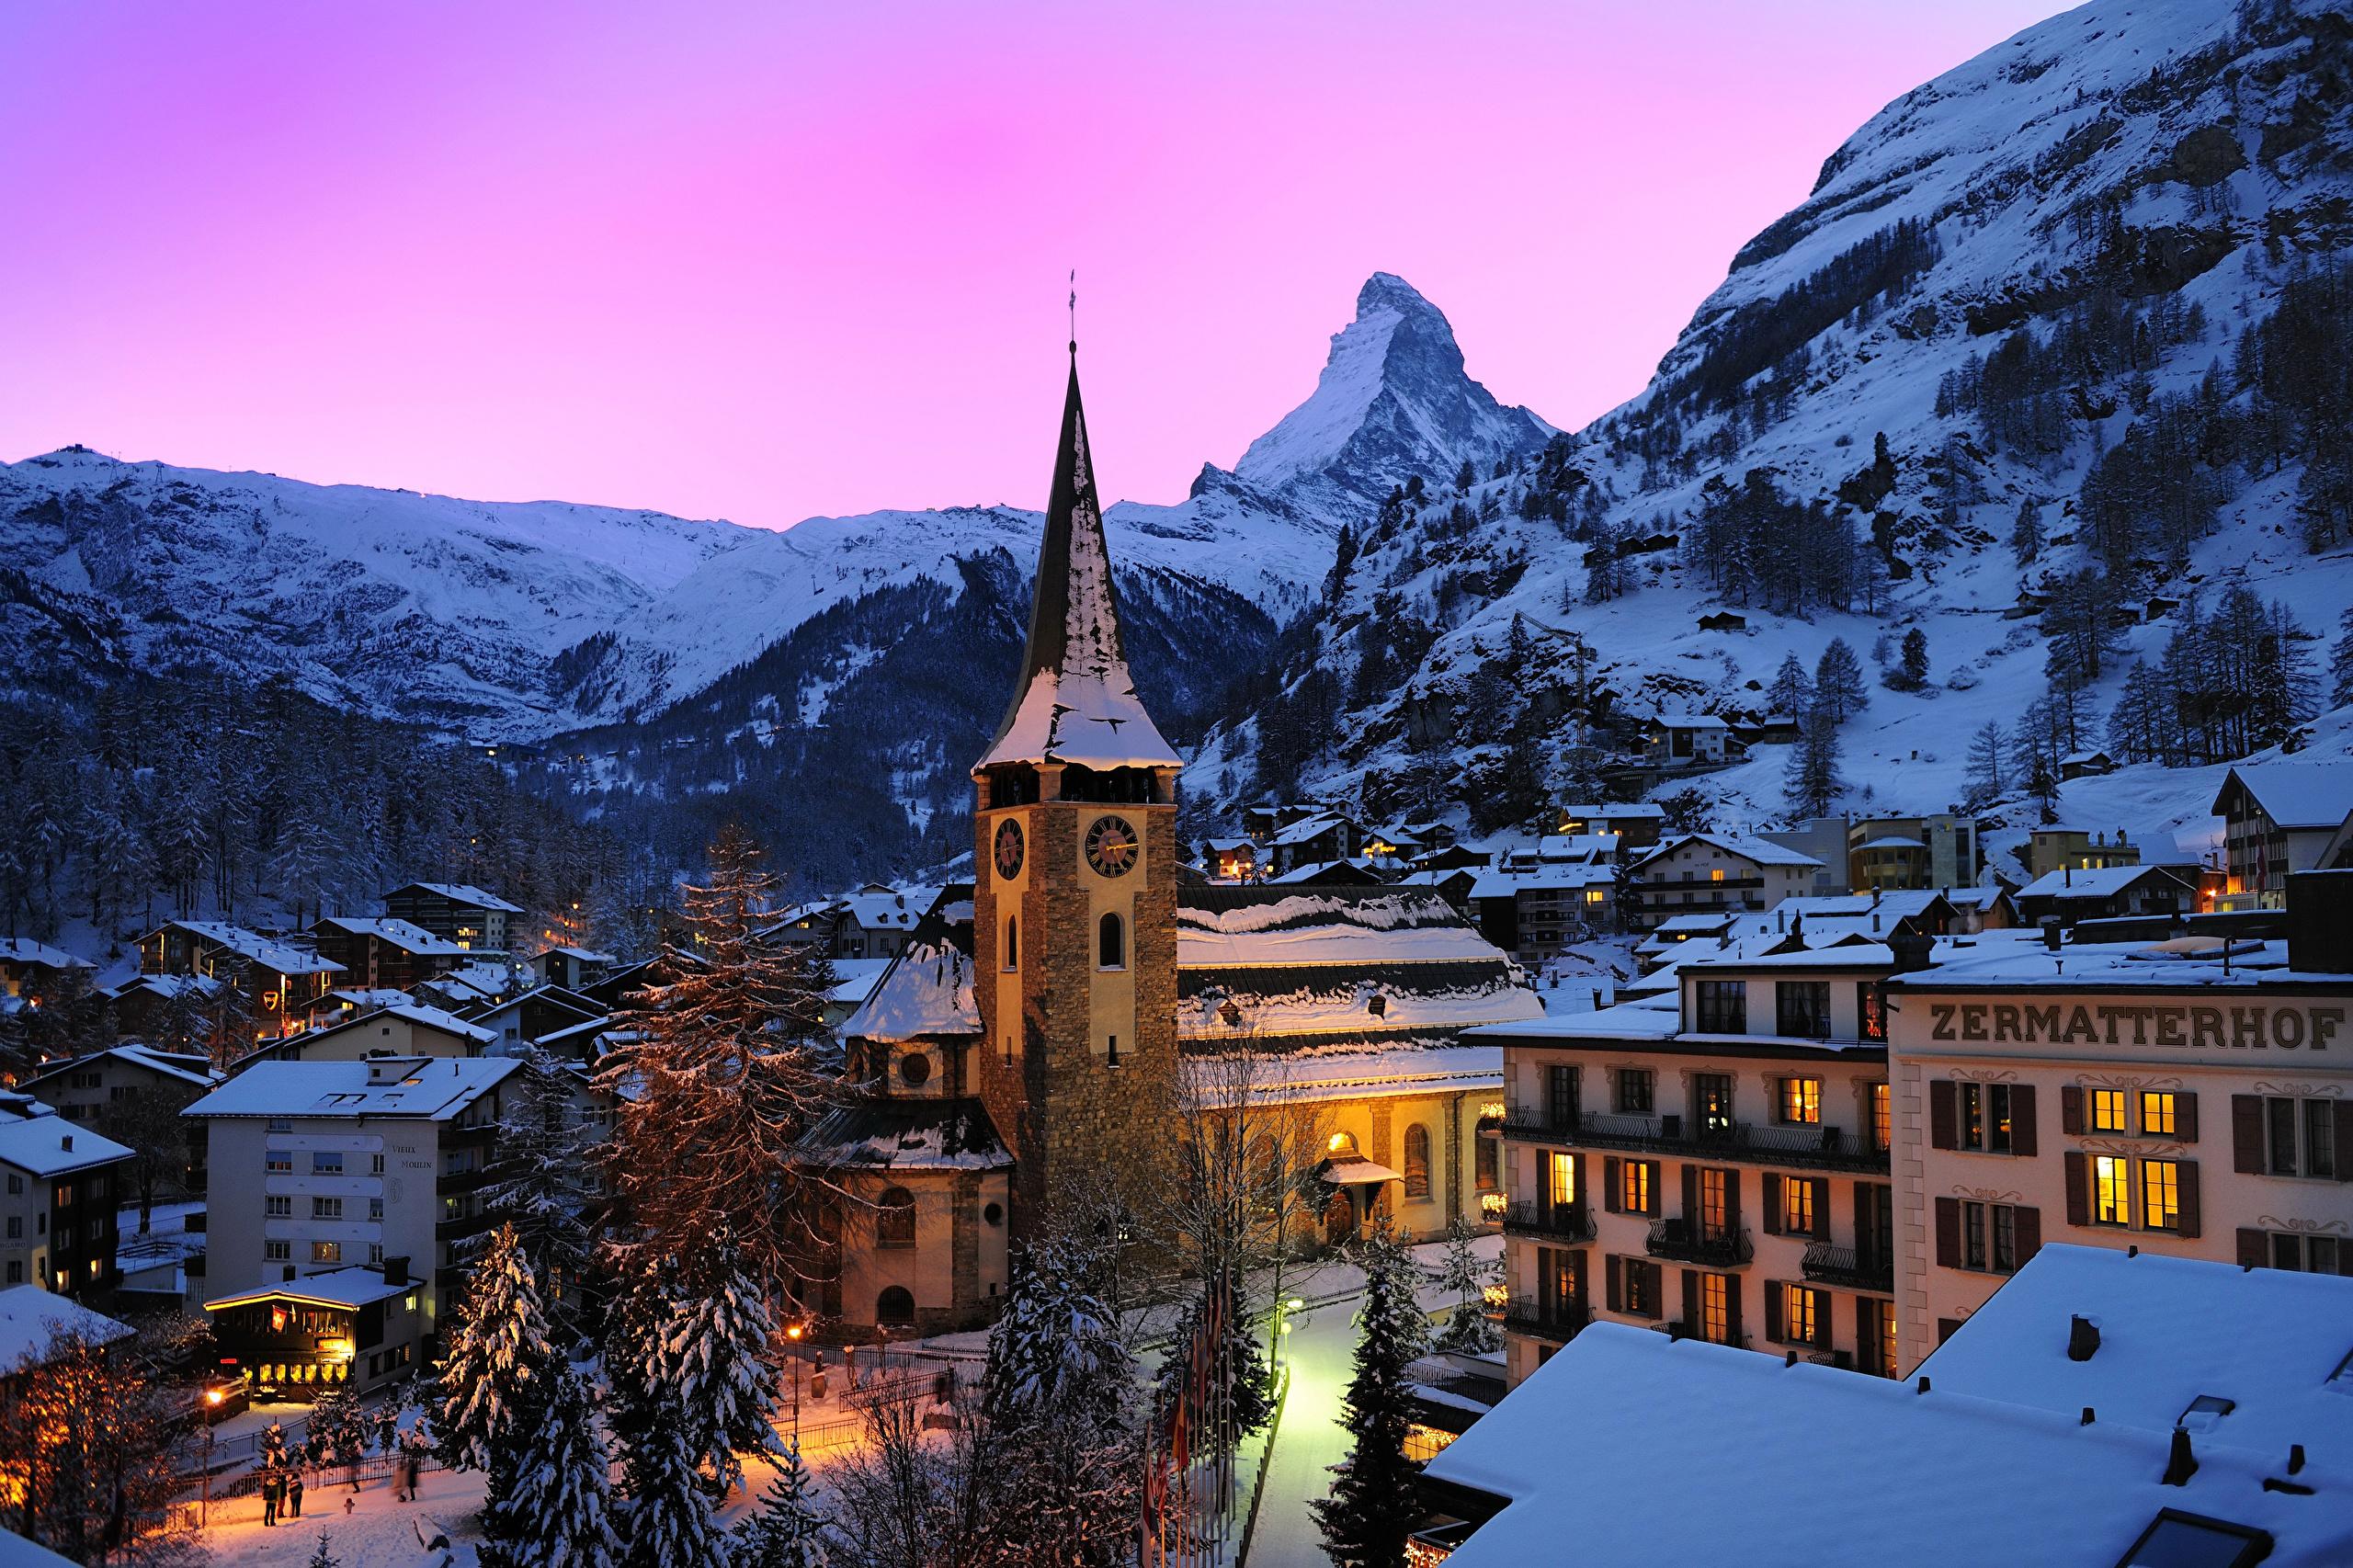 картинки швейцарских альп титул команда